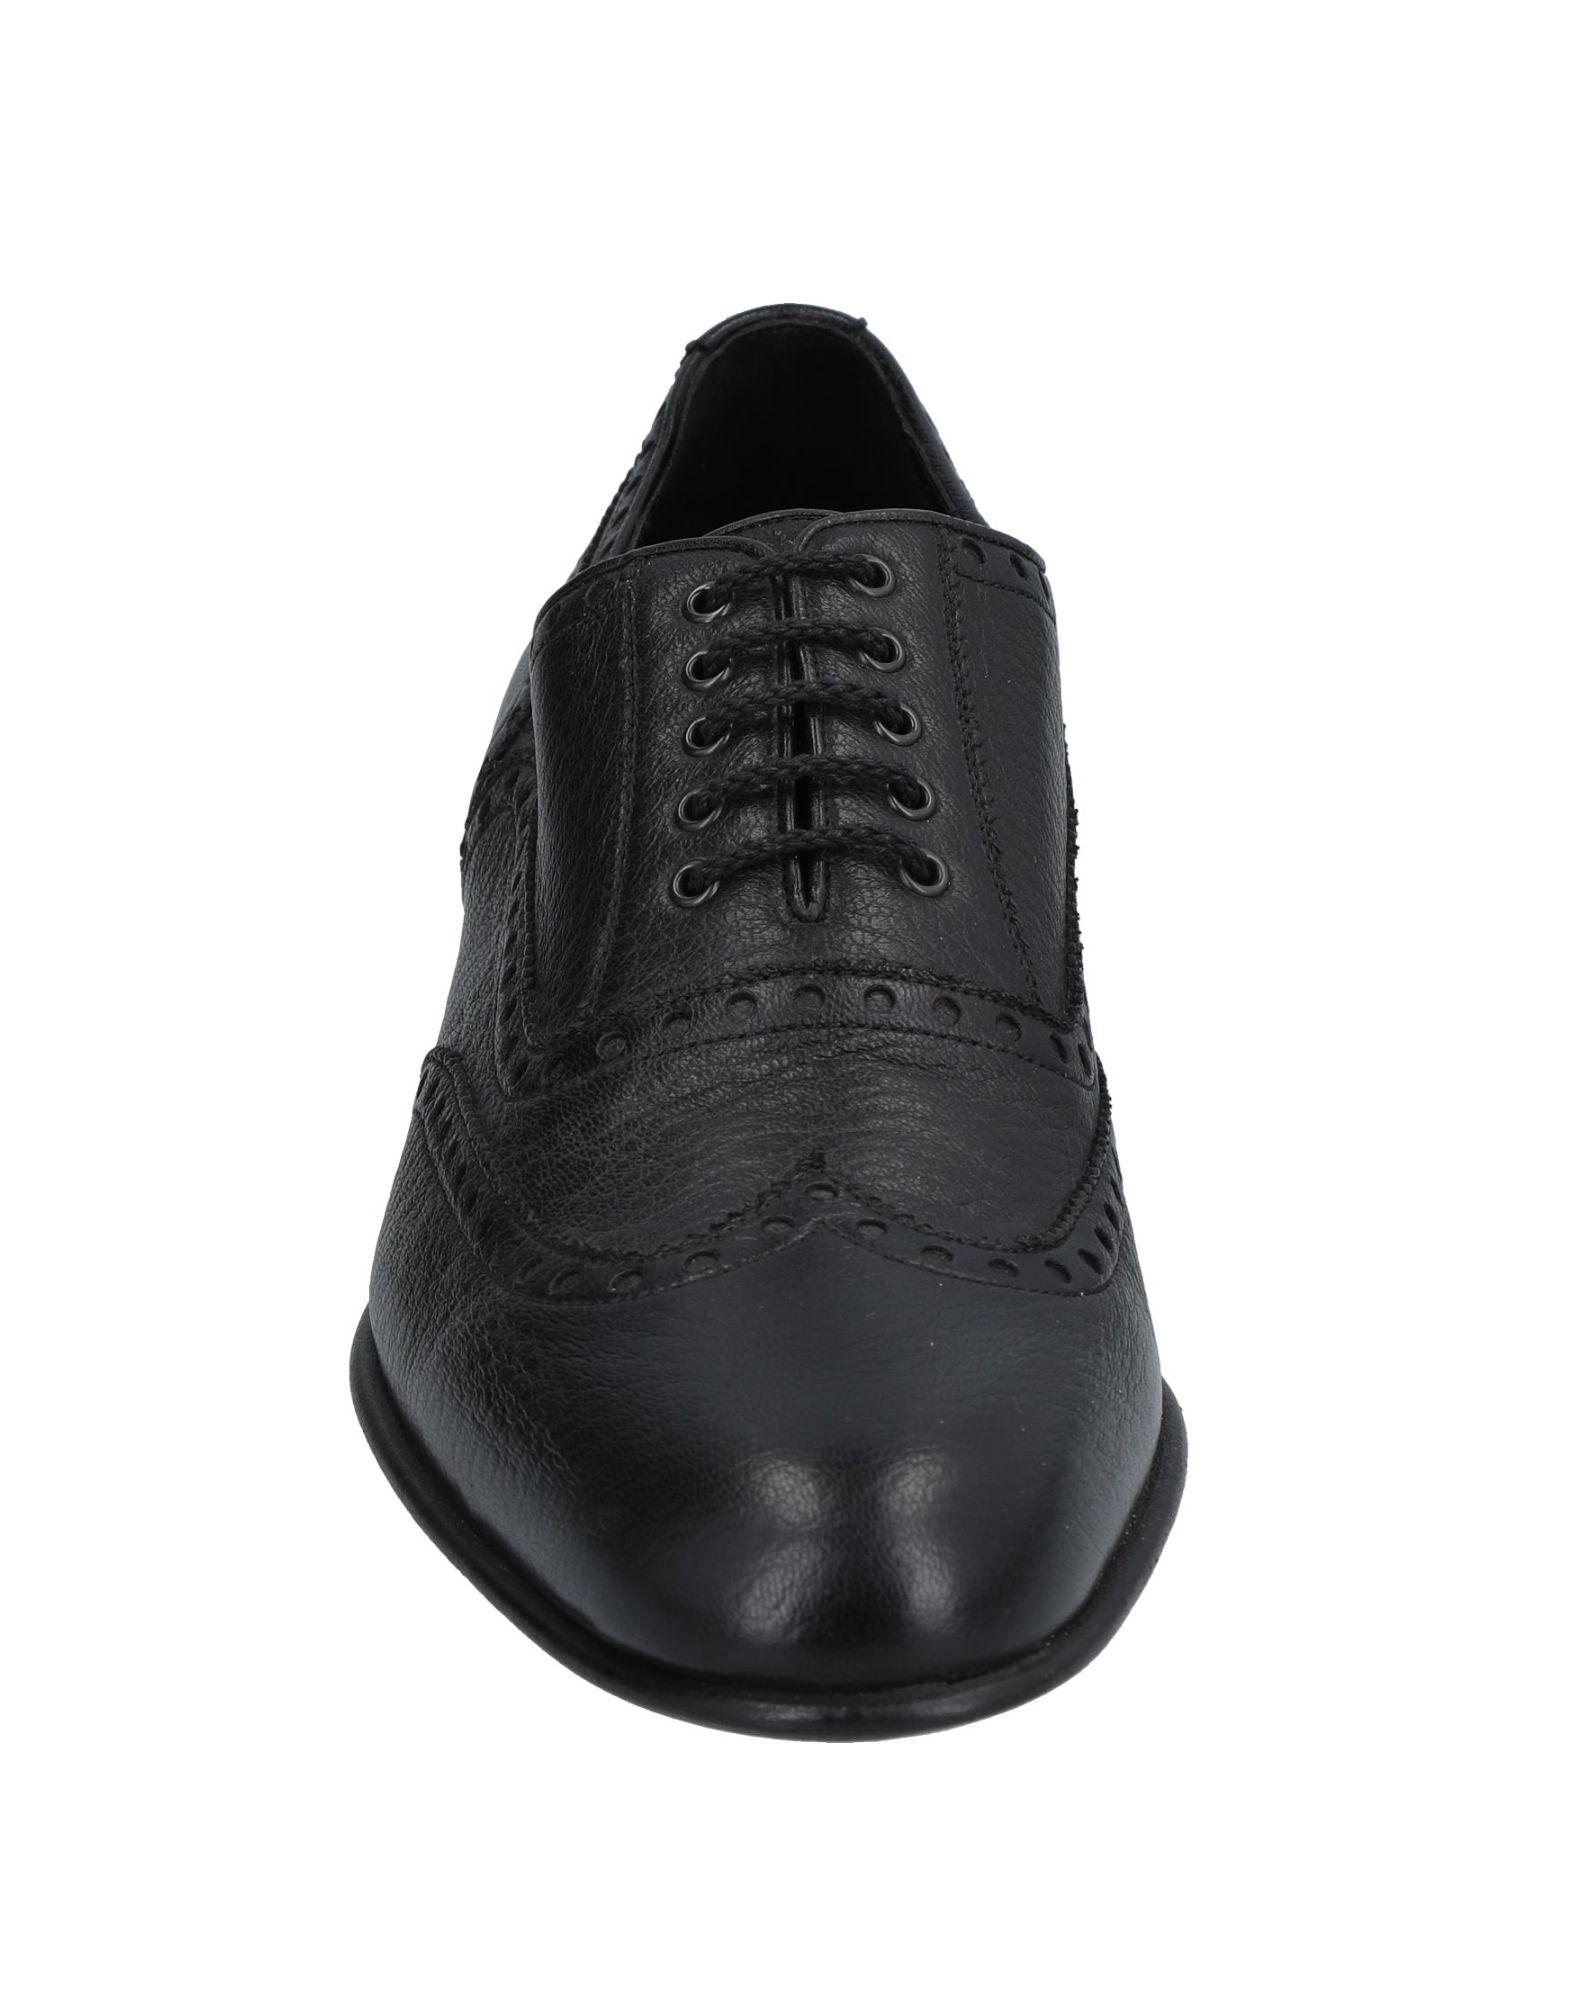 A.Testoni Schnürschuhe Herren  11540340VE Gute Qualität beliebte Schuhe